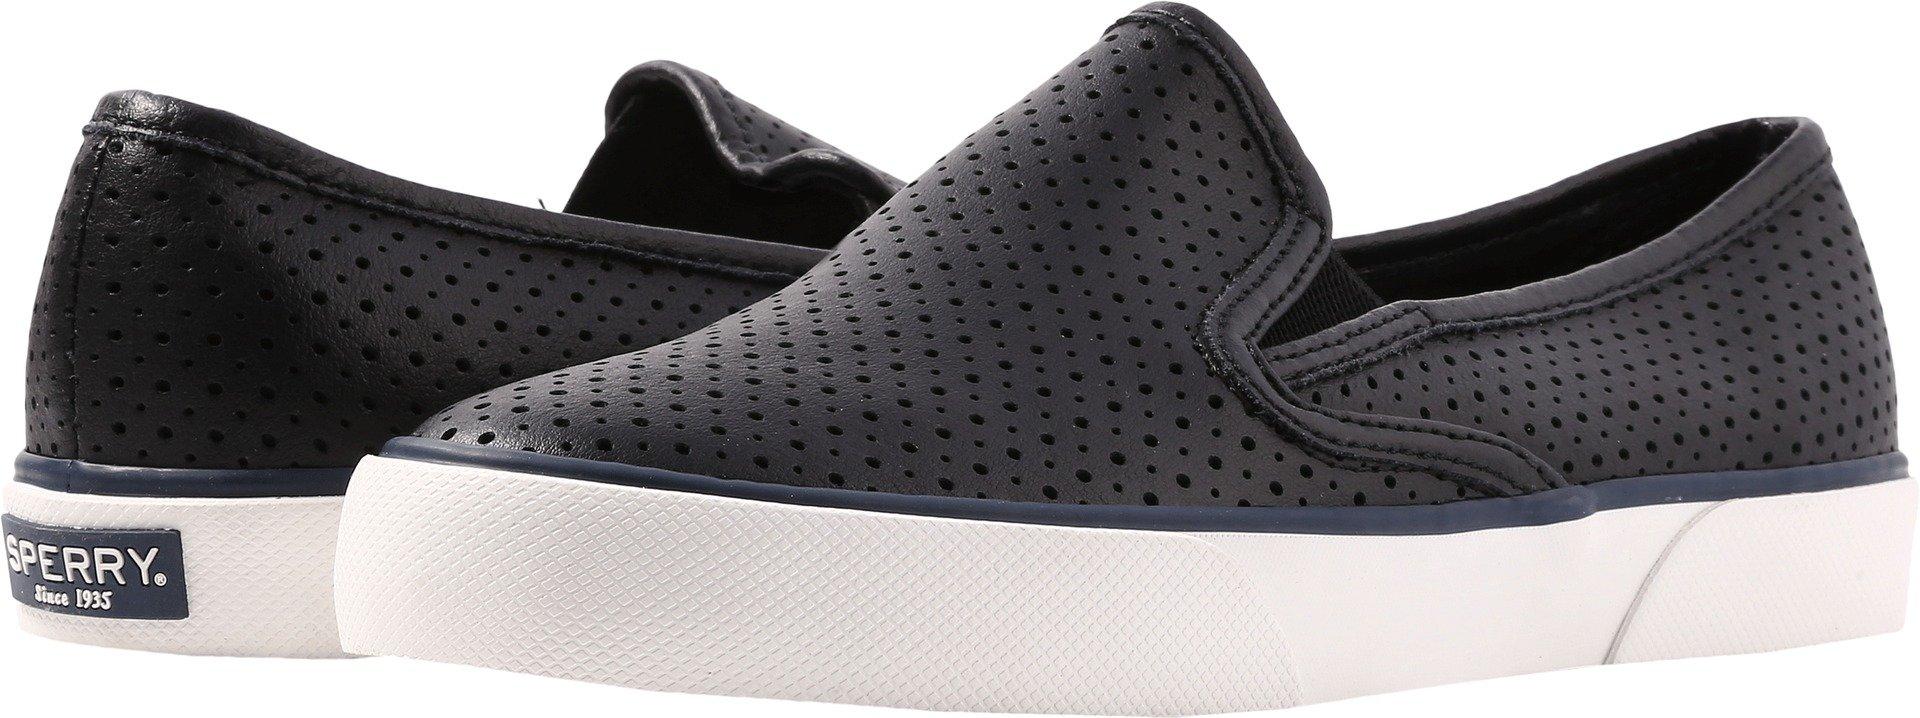 Sperry Women's, Pier Side Slip on Shoes Black 8 M